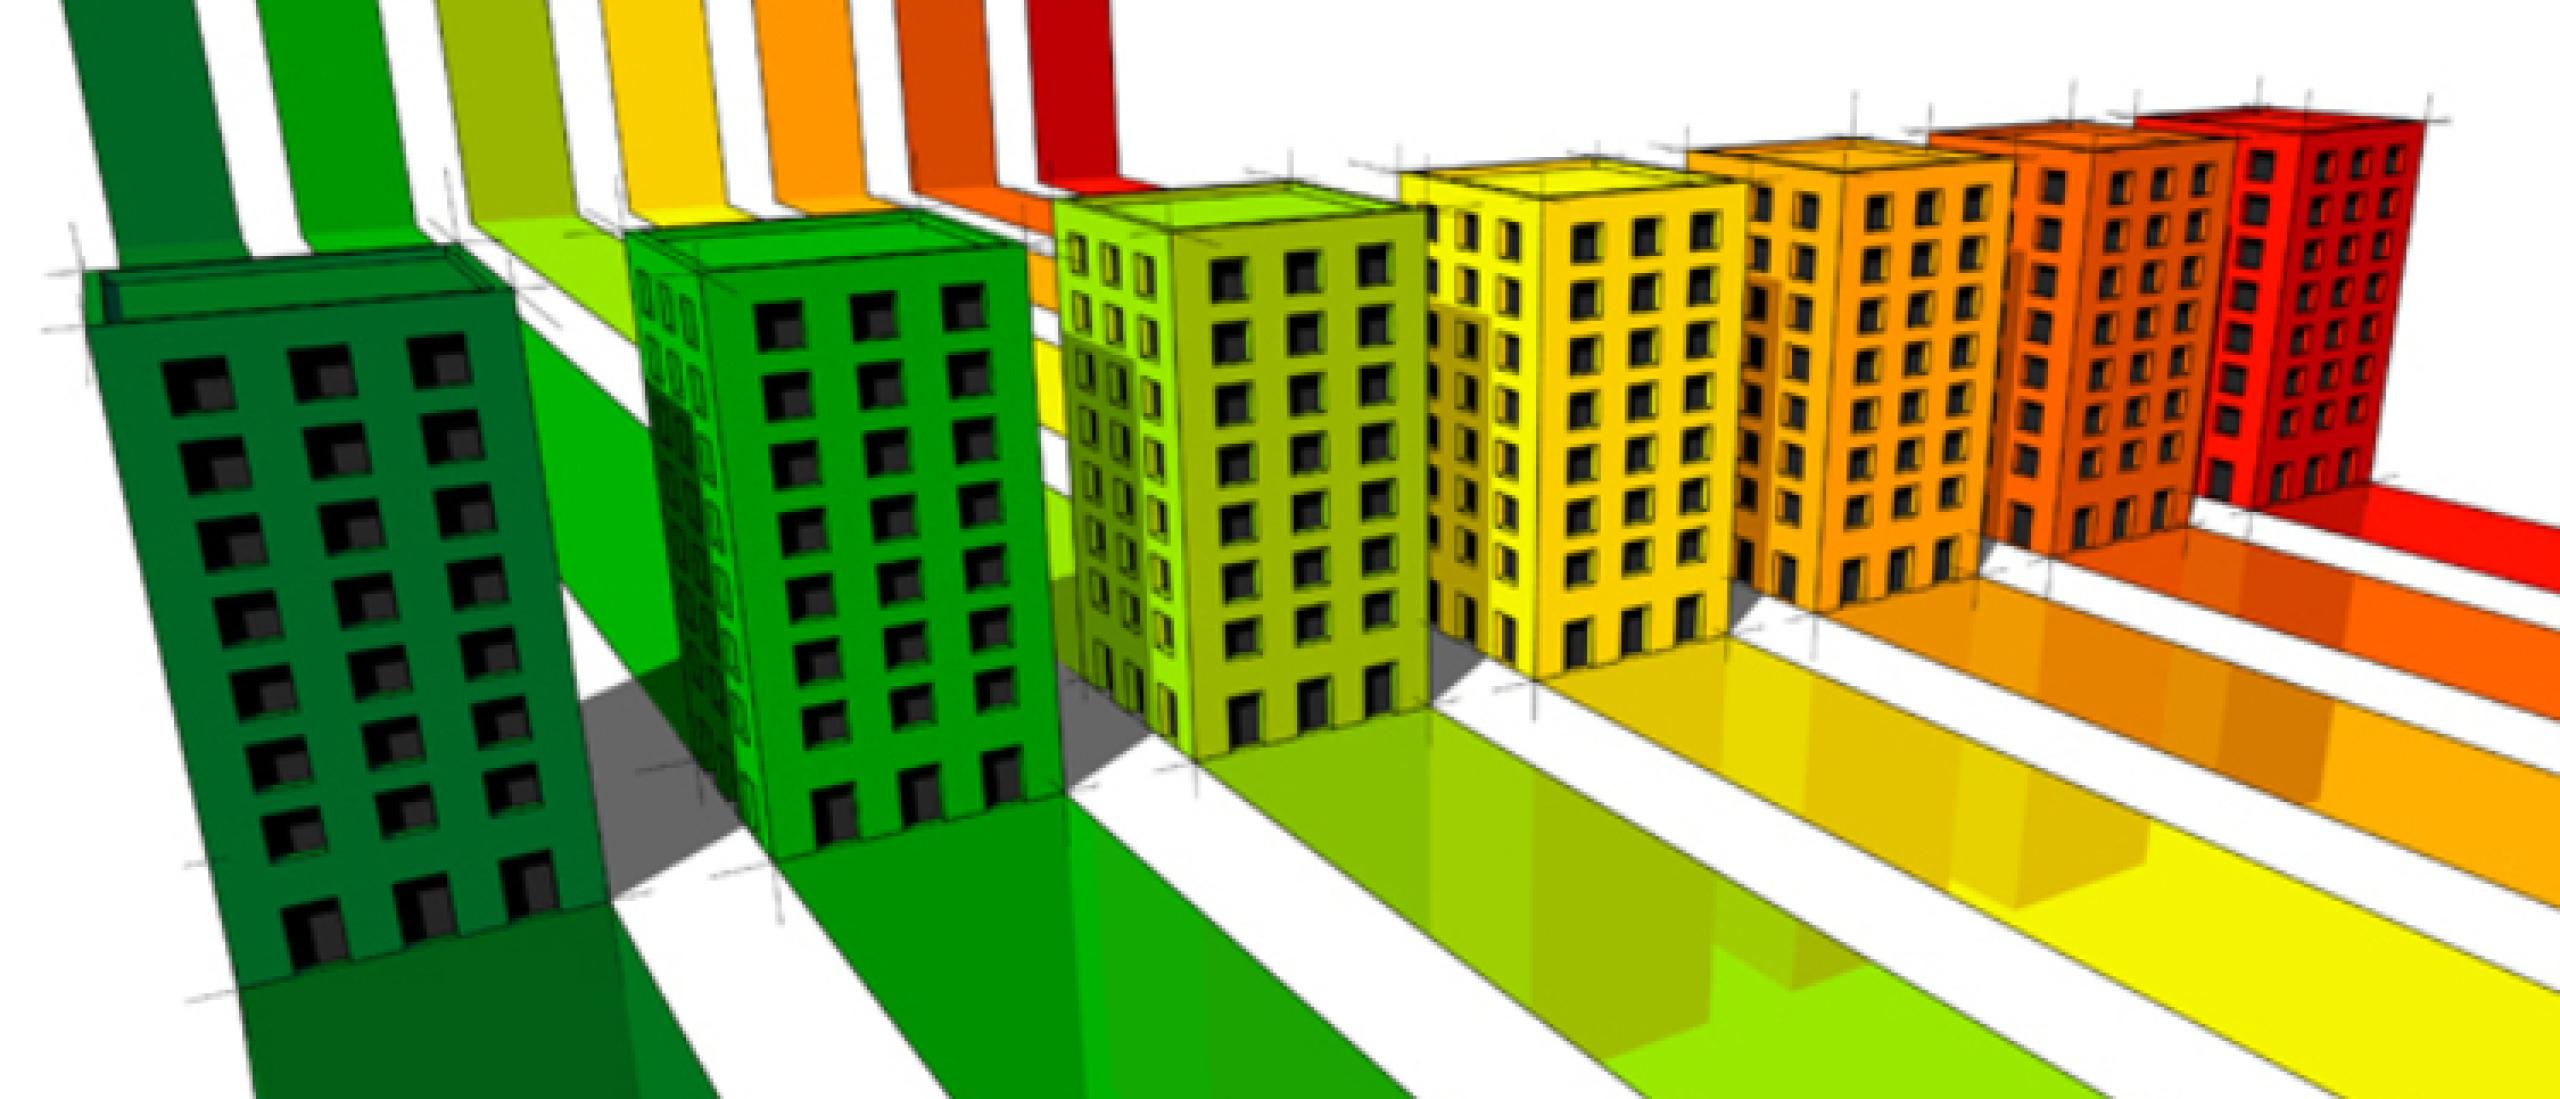 Verplichting energielabel C voor kantoorgebouwen per 1 januari 2023